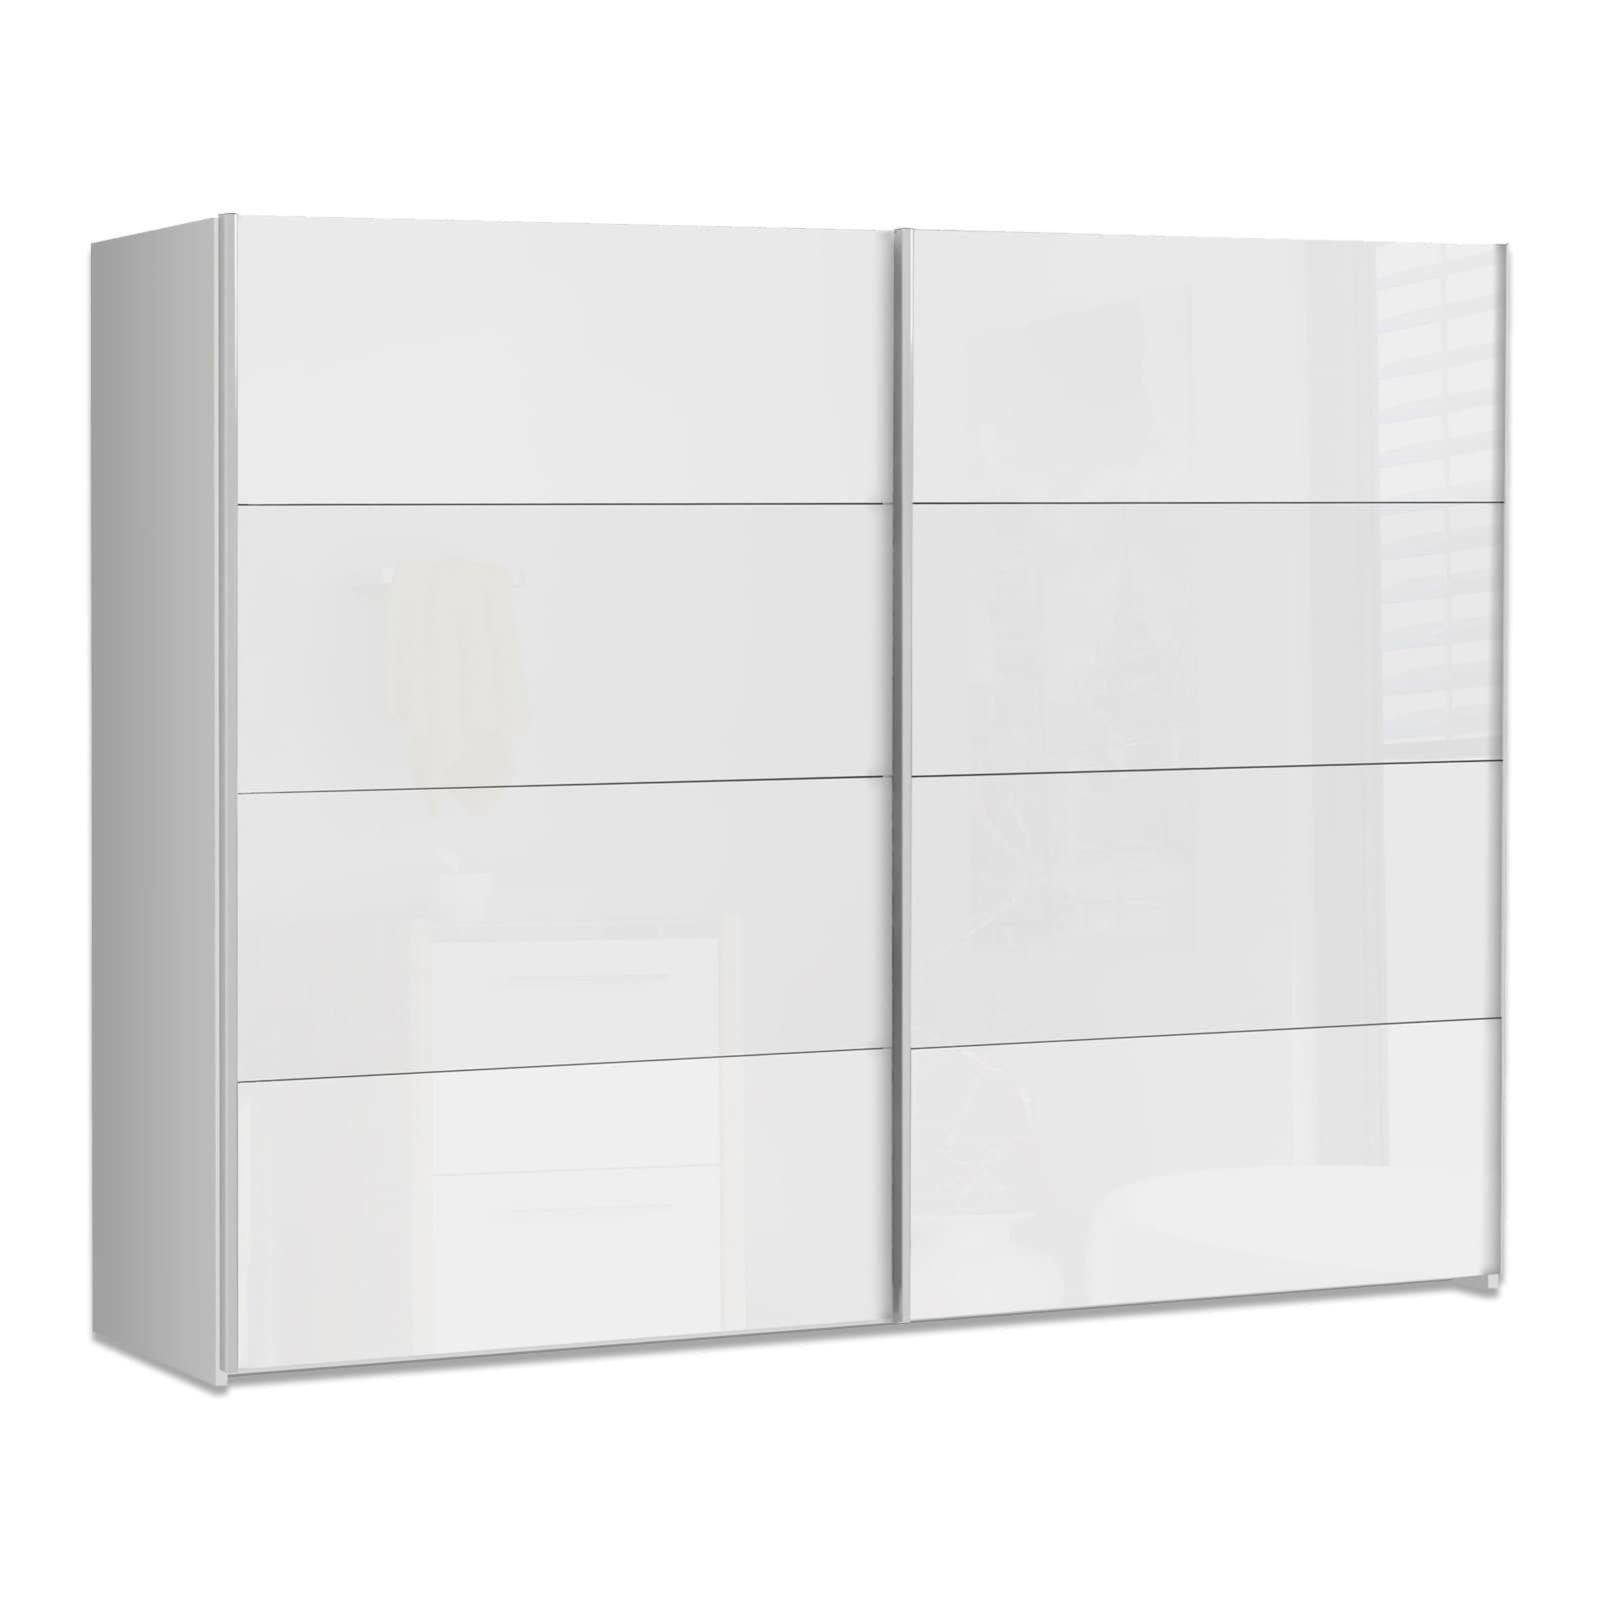 schwebet renschrank starlet plus wei hochglanz 270 cm schwebet renschr nke. Black Bedroom Furniture Sets. Home Design Ideas